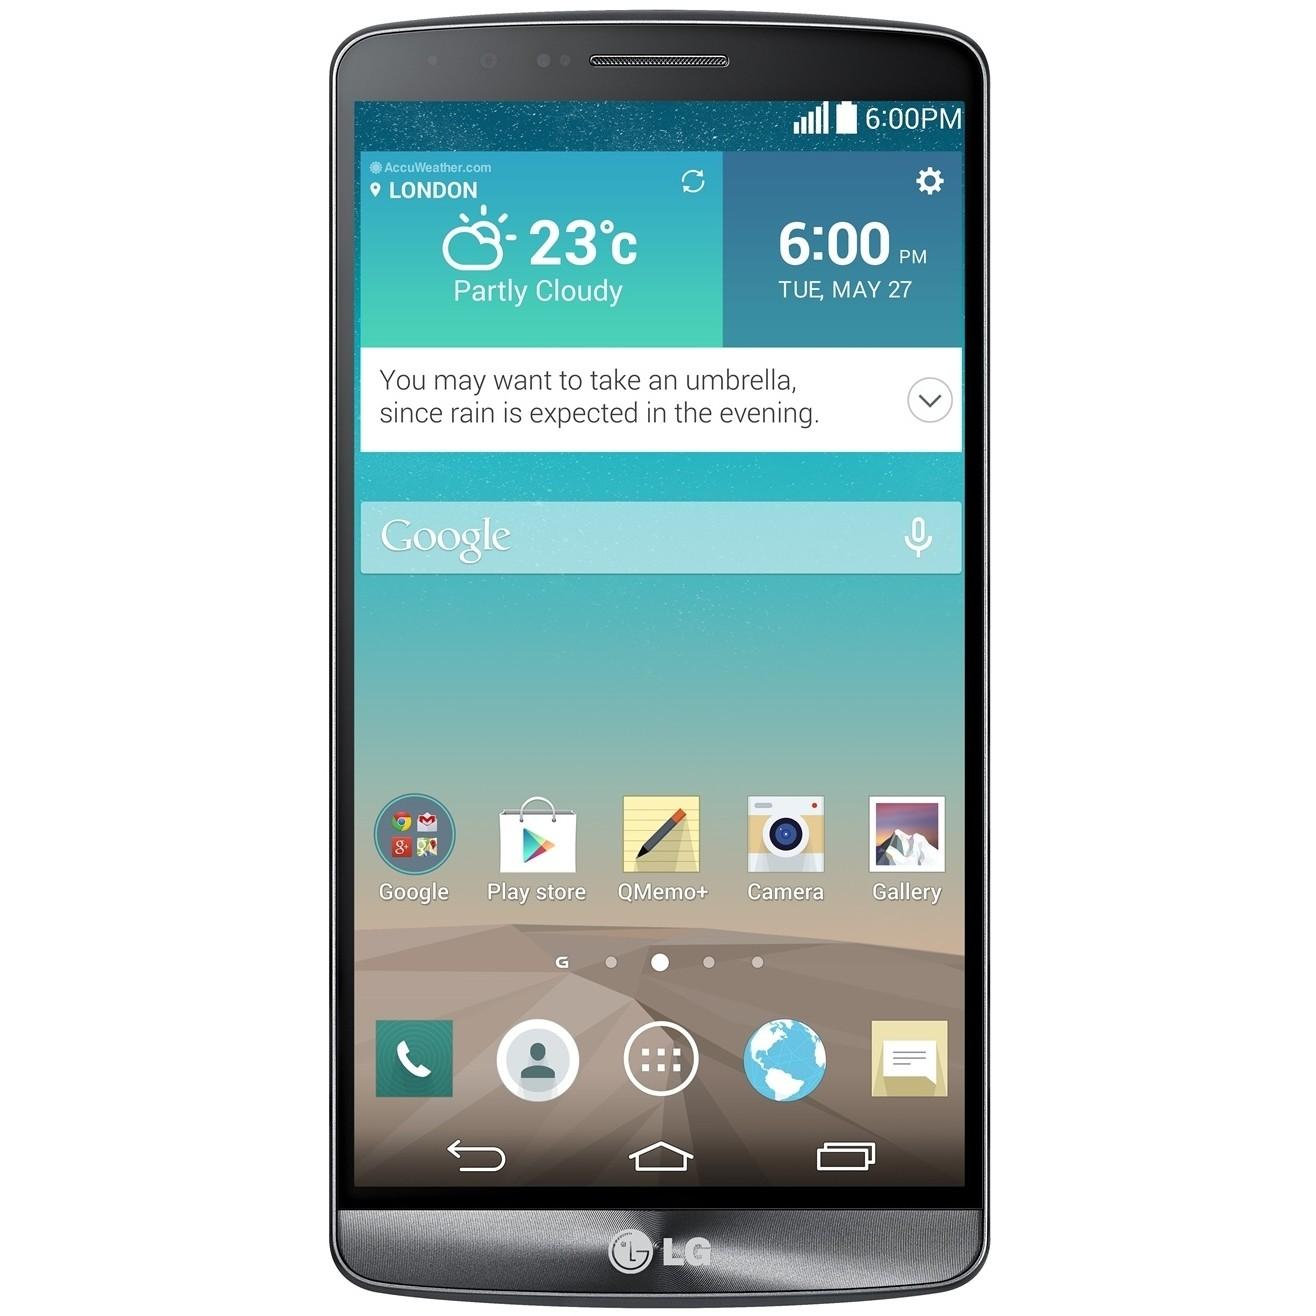 2942609957201 LG D855 G3 16GB (Metallic Black) купить в интернет-магазине: цены на  смартфон LG D855 G3 16GB (Metallic Black) - отзывы и обзоры, фото и  характеристики.